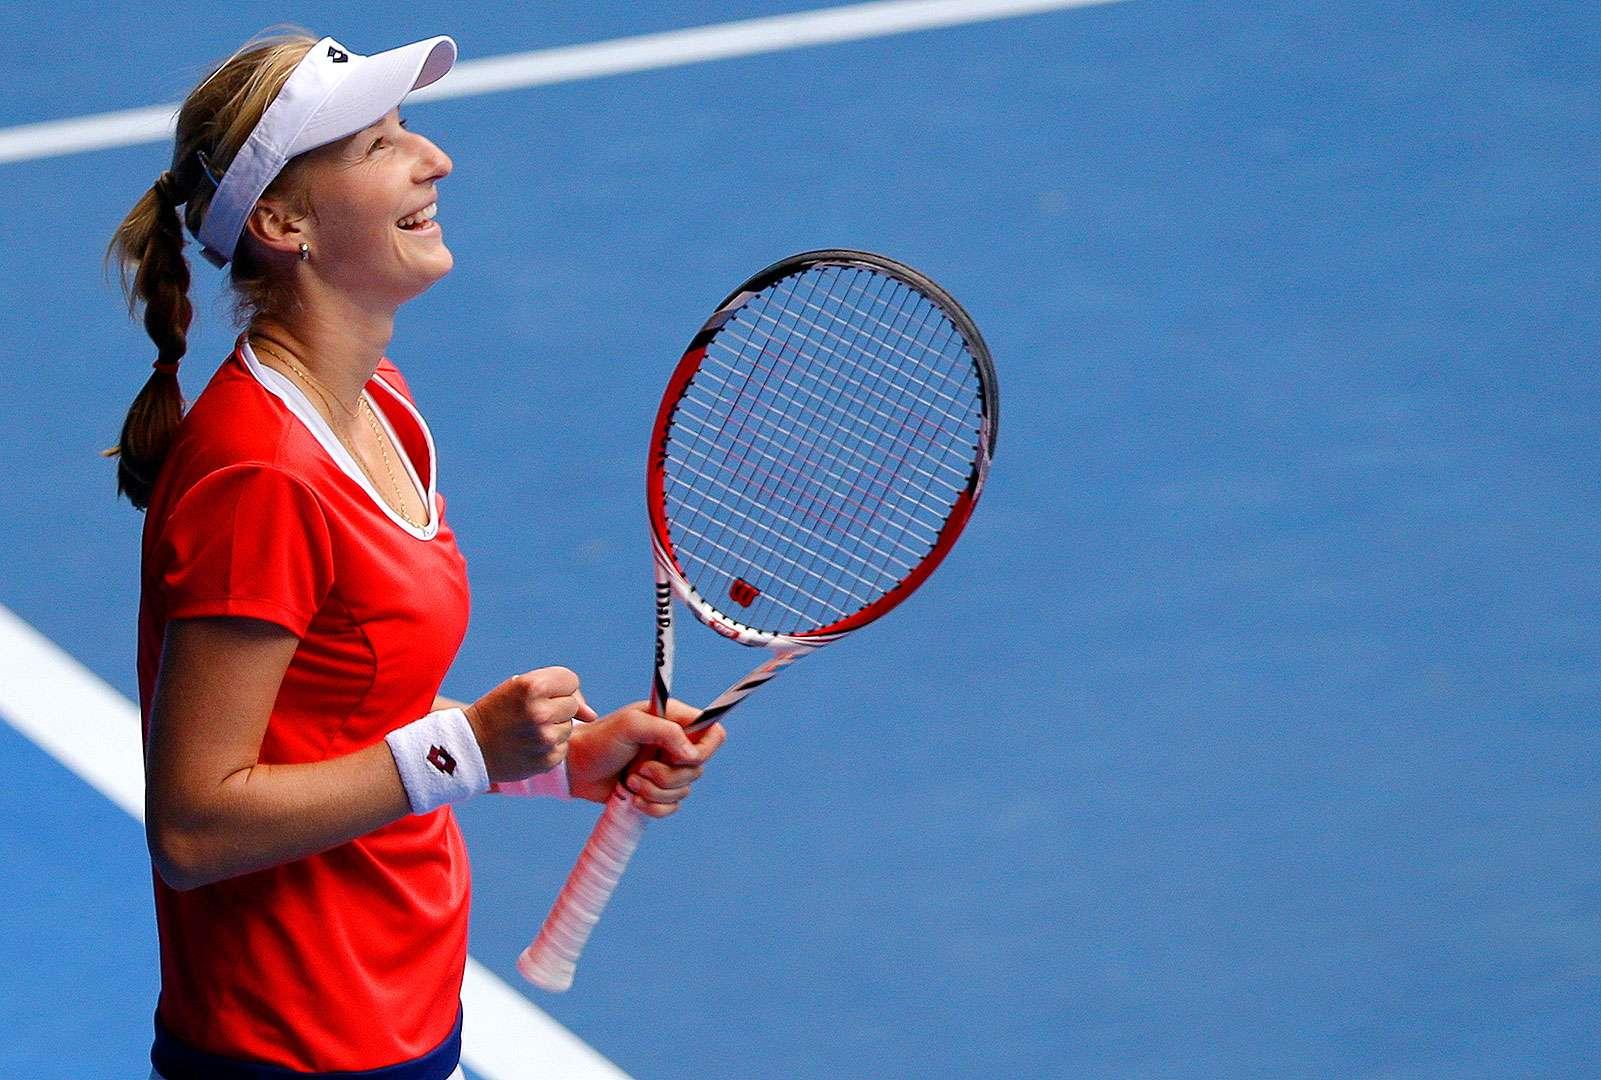 La rusa Ekaterina Makarova celebra luego de imponerse a la rumana Simona Halep en los cuartos de final del Abierto de Australia, el martes 27 de enero de 2015 Foto: Lee Jin-man/AP